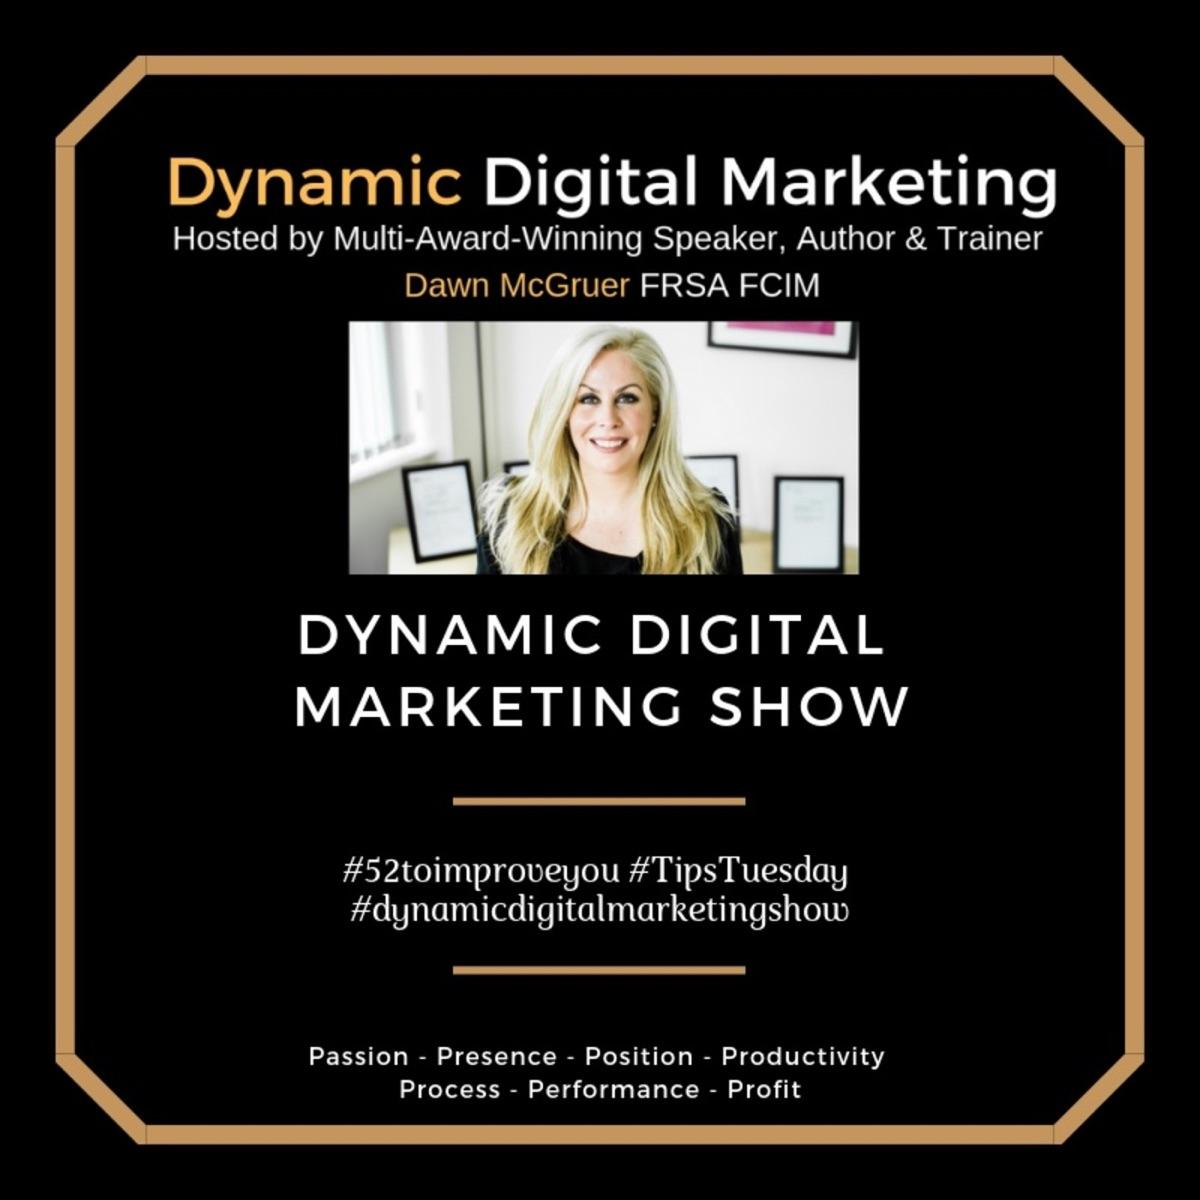 Dynamic Digital Marketing Show